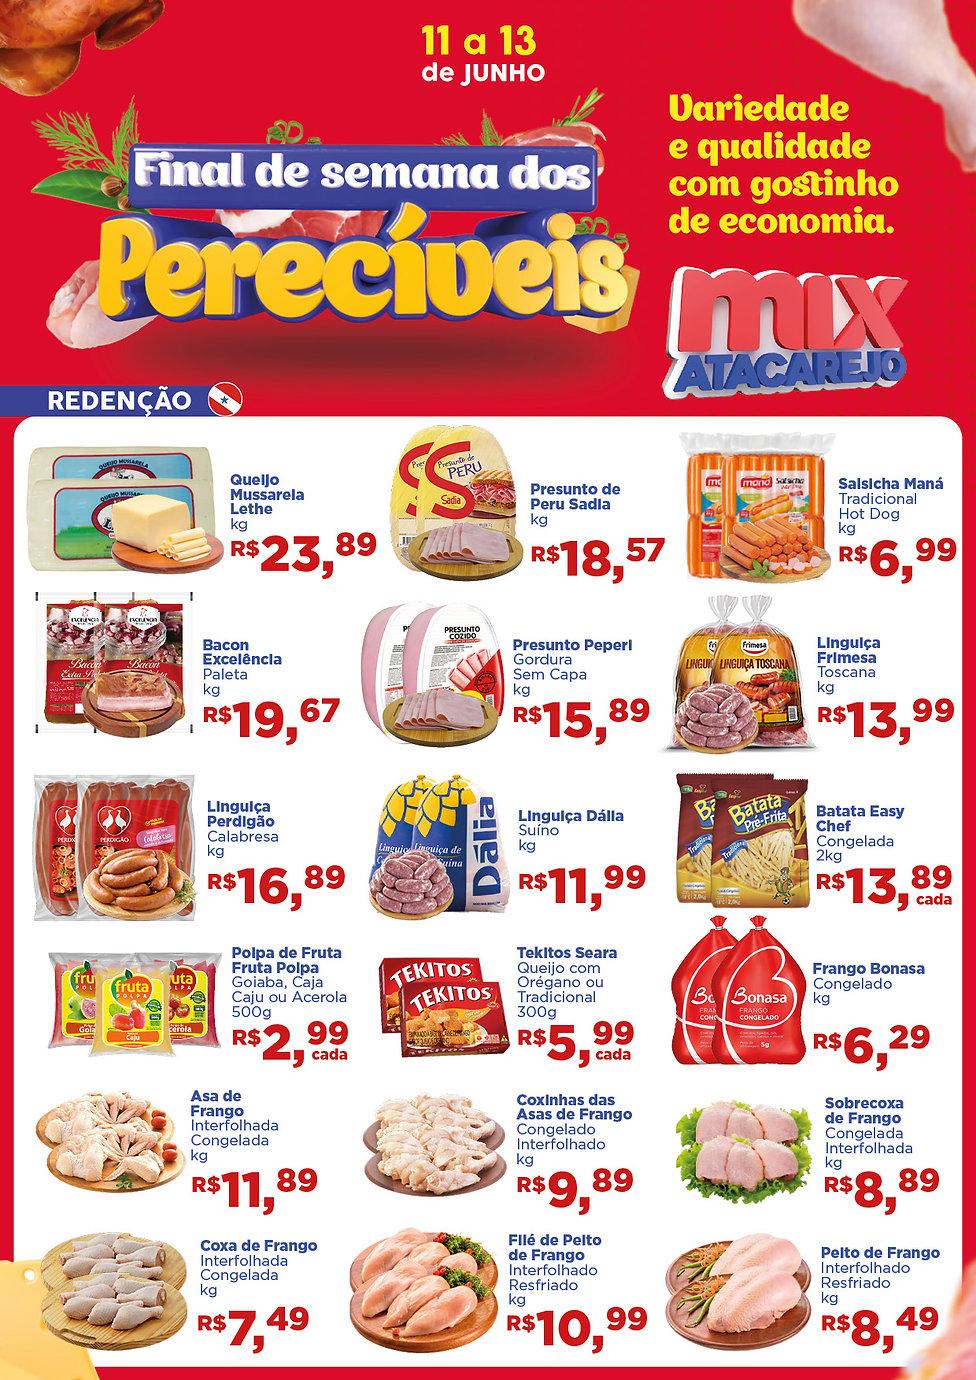 ENCARTE_ESPECIAL_FRIOS_REDENÇÃO_11_A_1